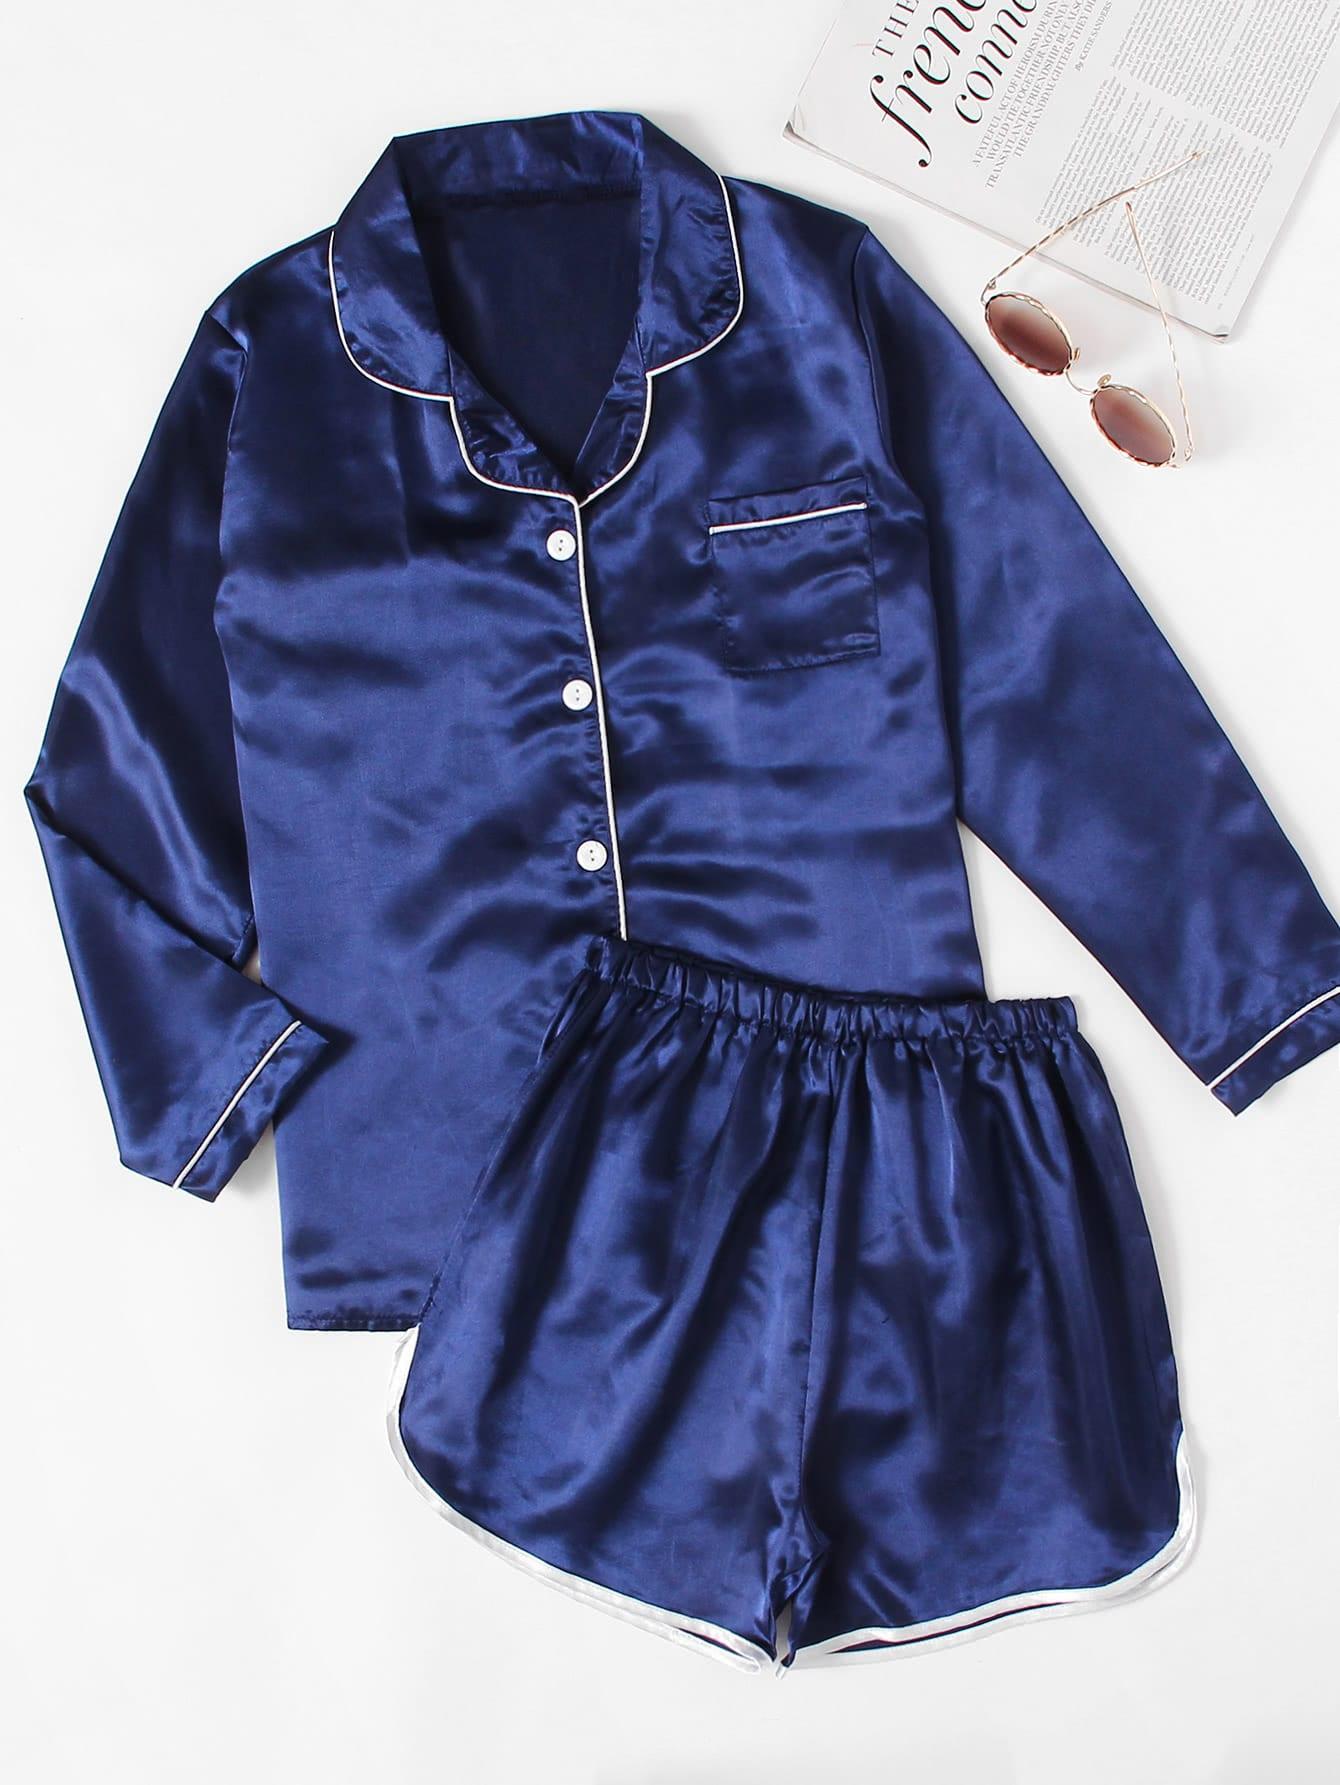 Атласная пижама | Shein